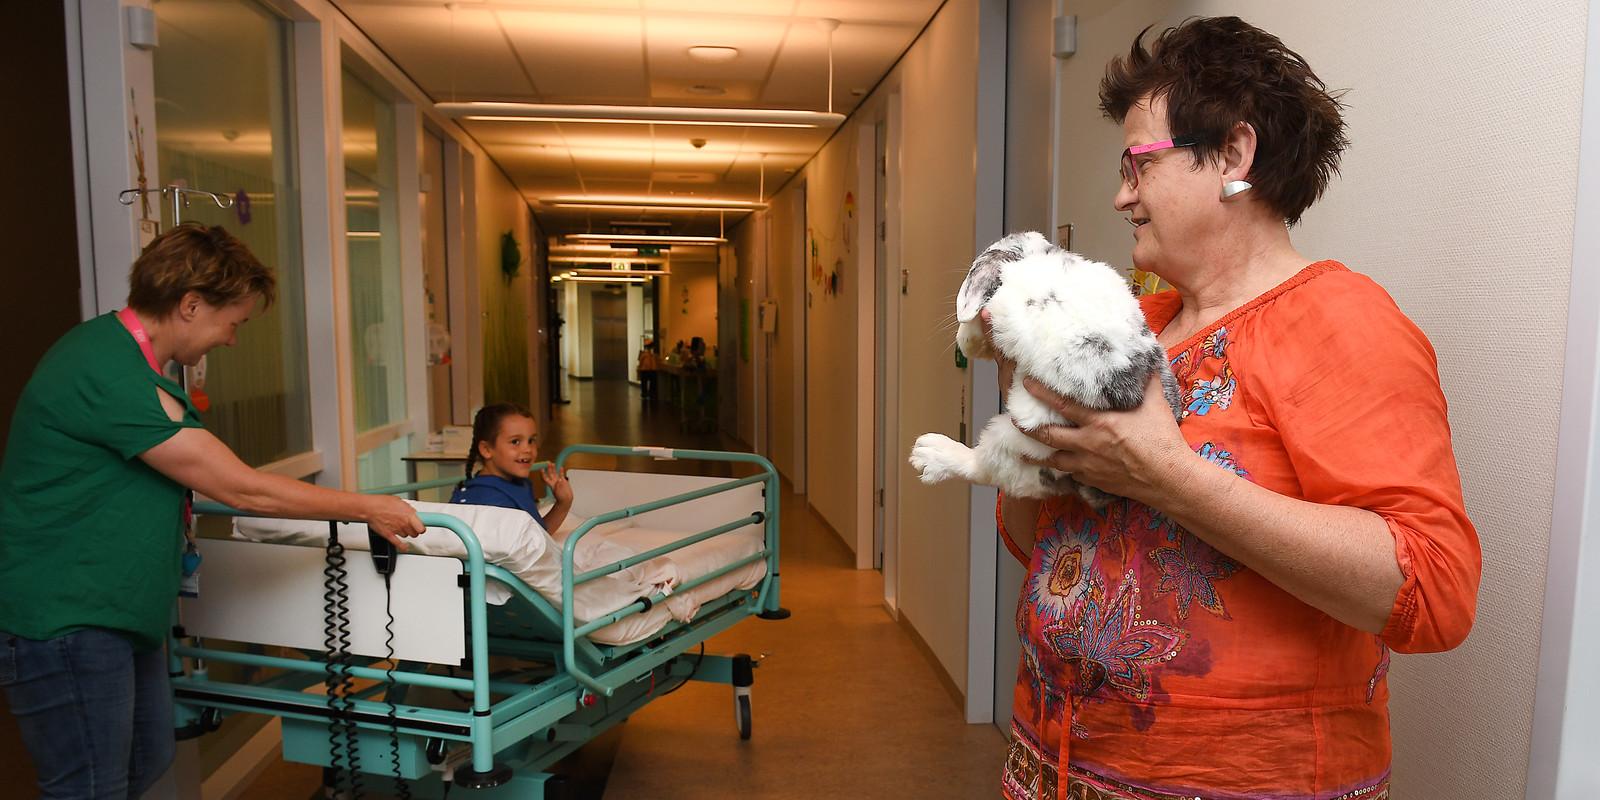 Medisch pedagogisch zorgverlener Berry Geurts met konijn Jopie (de zevende).